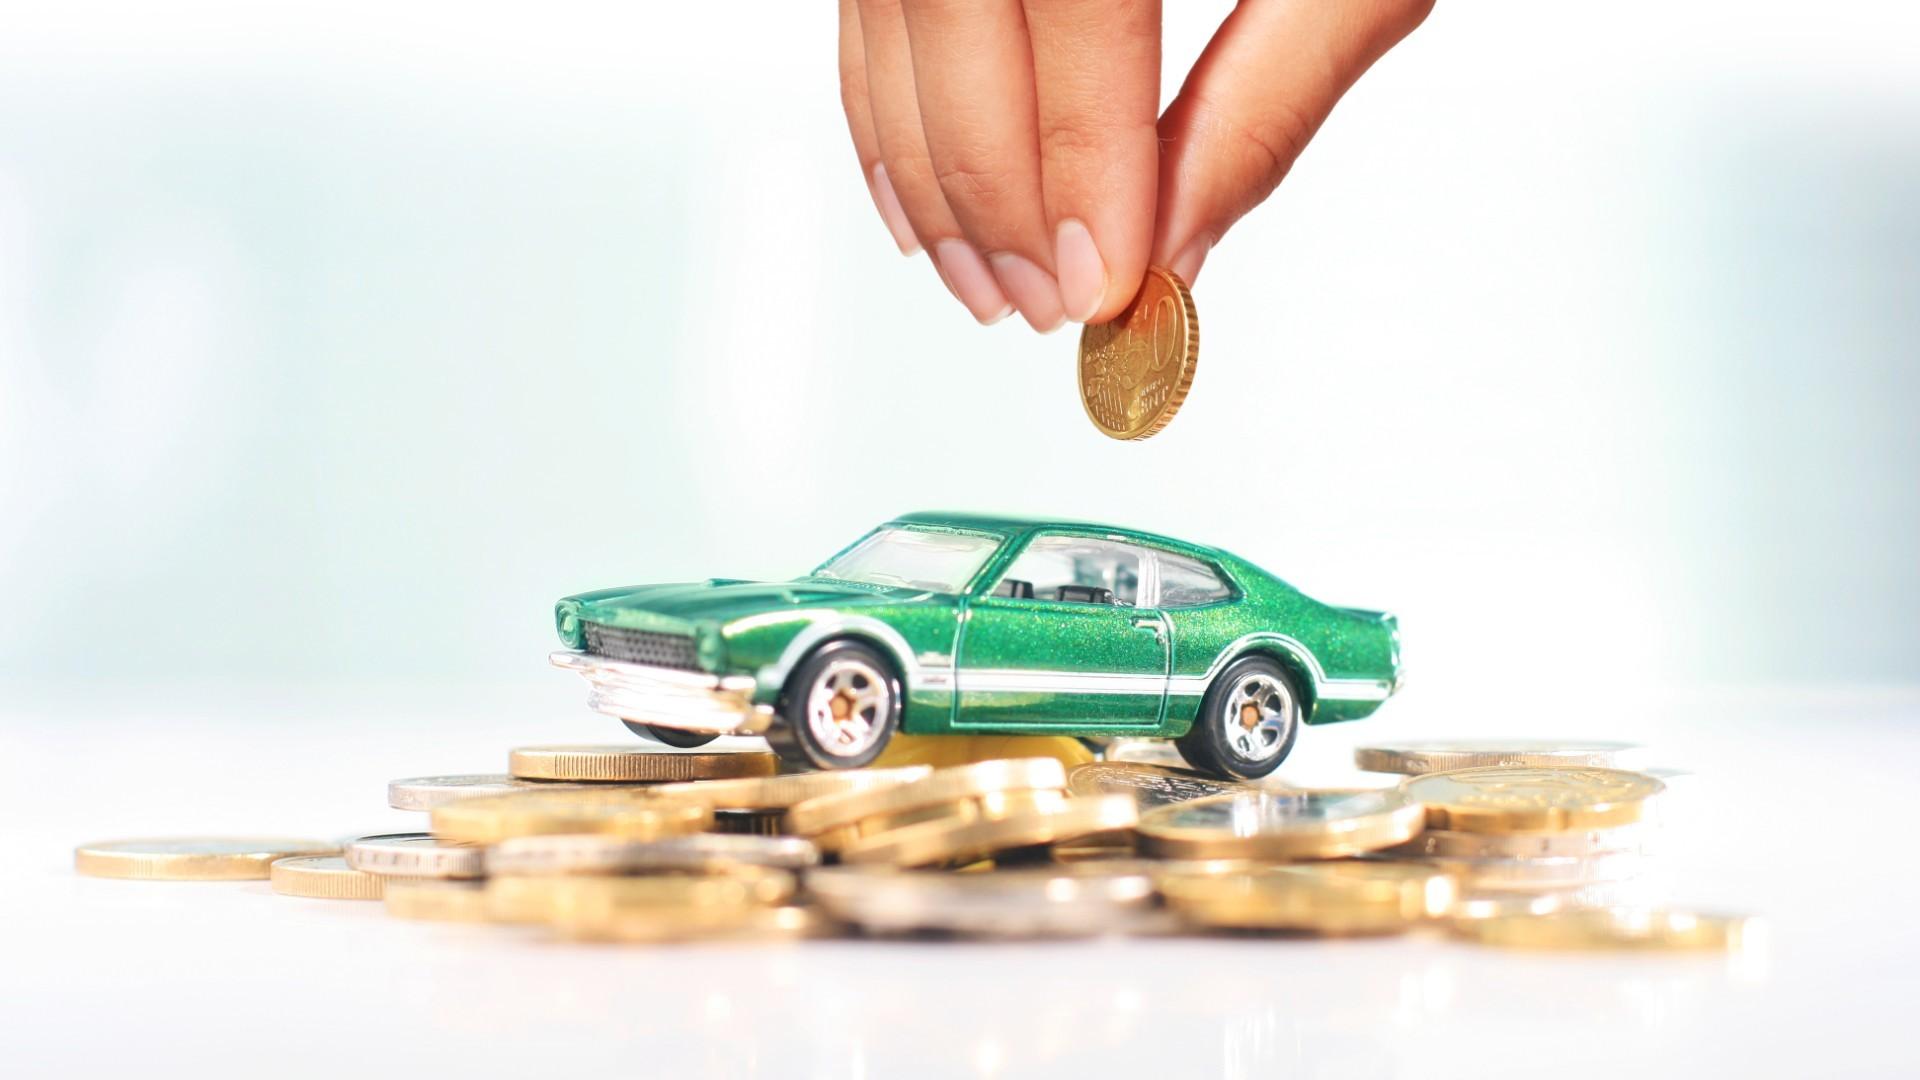 Взять ипотечный кредит рассчитать